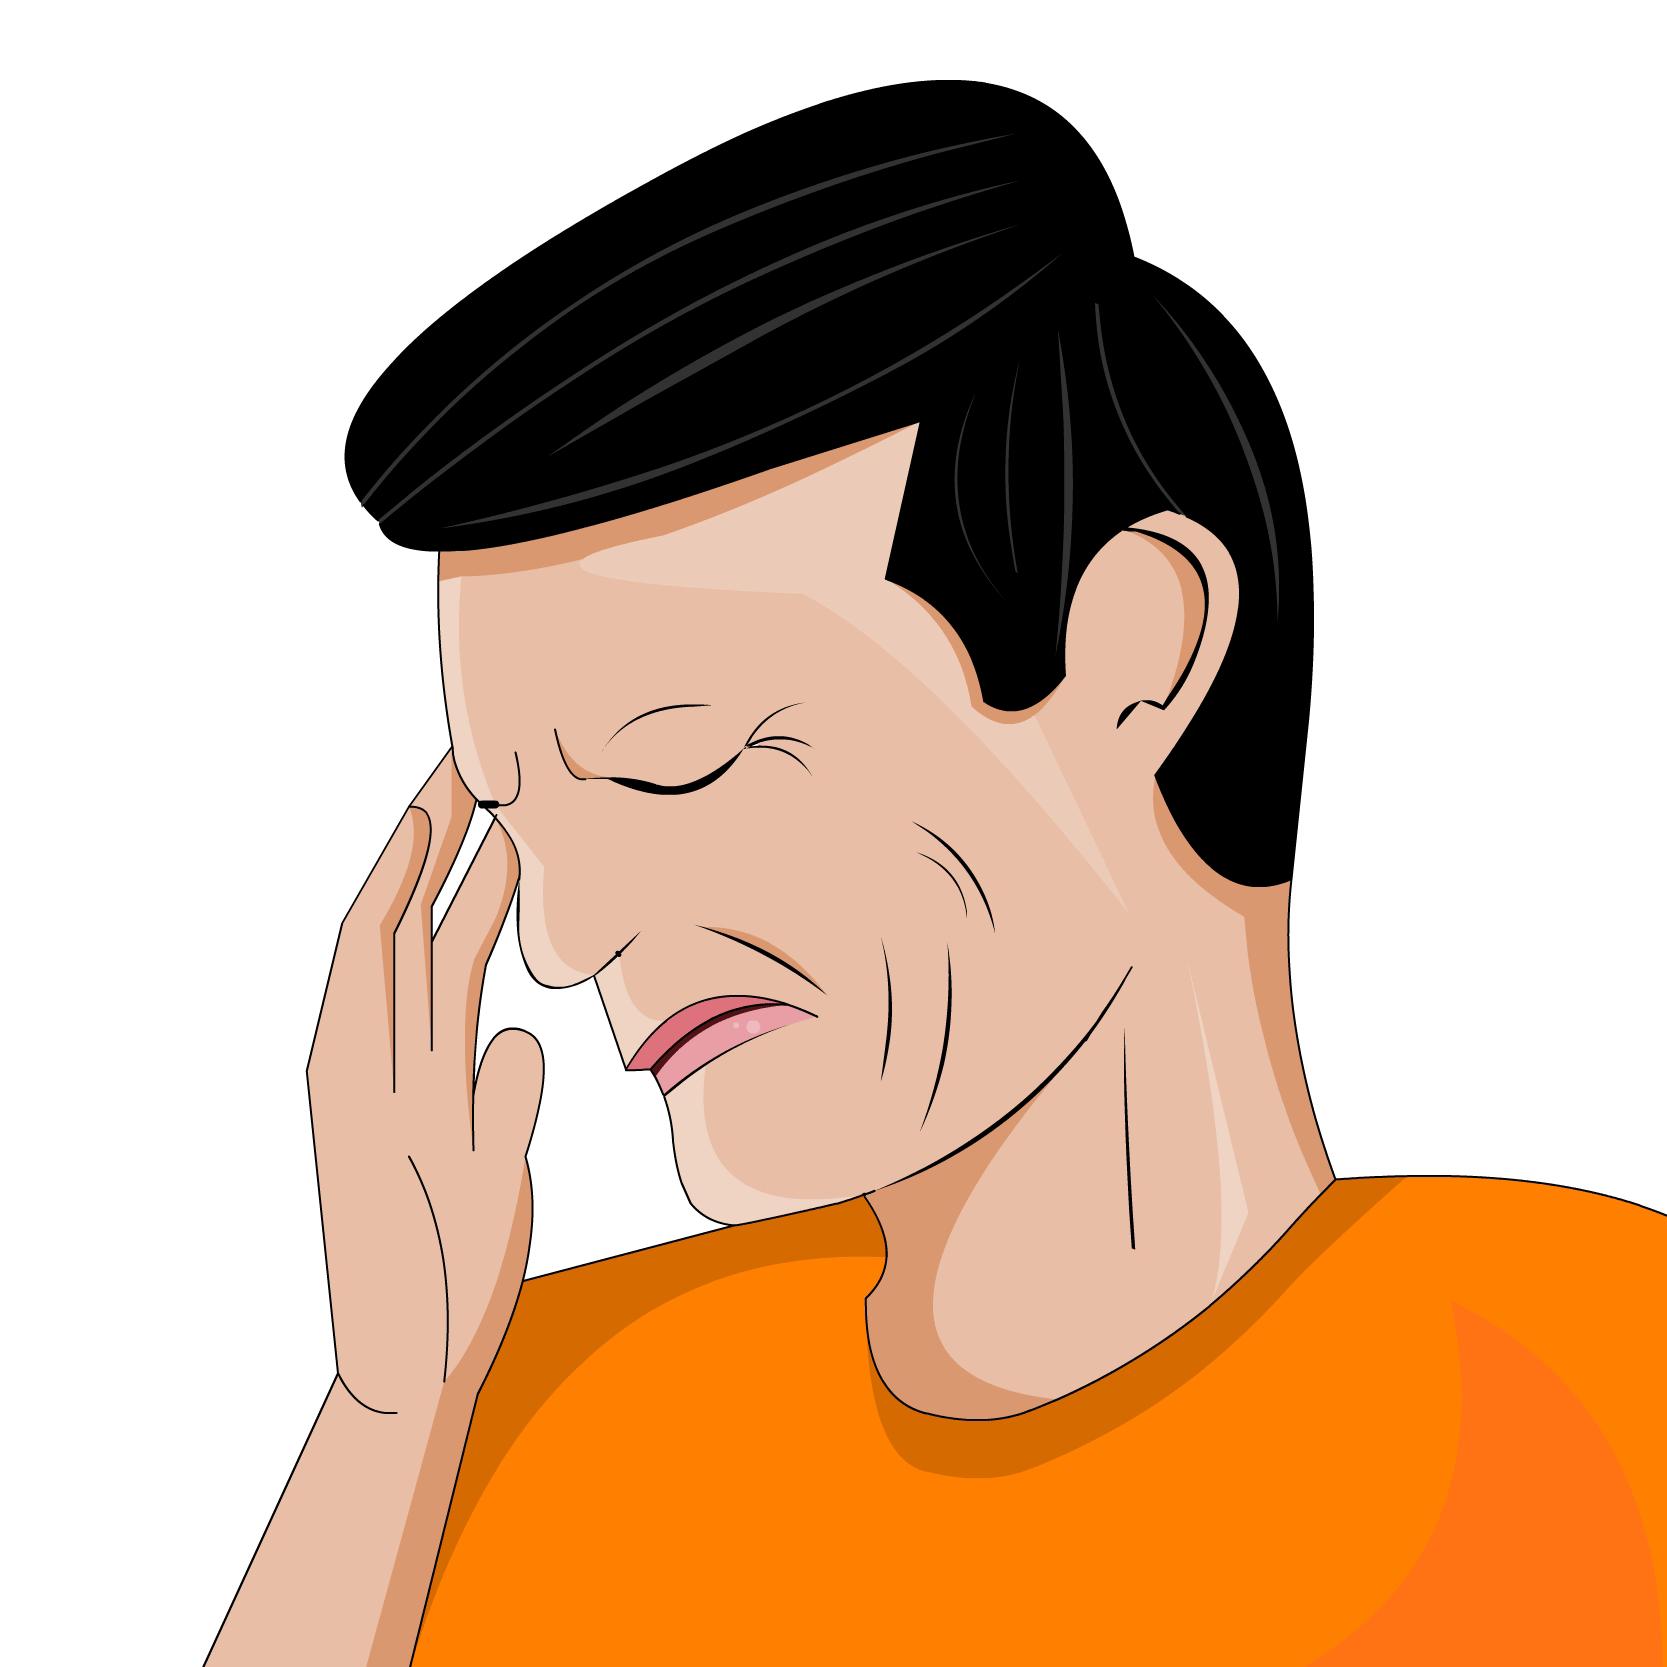 Ziehender schmerz von schulter bis finger